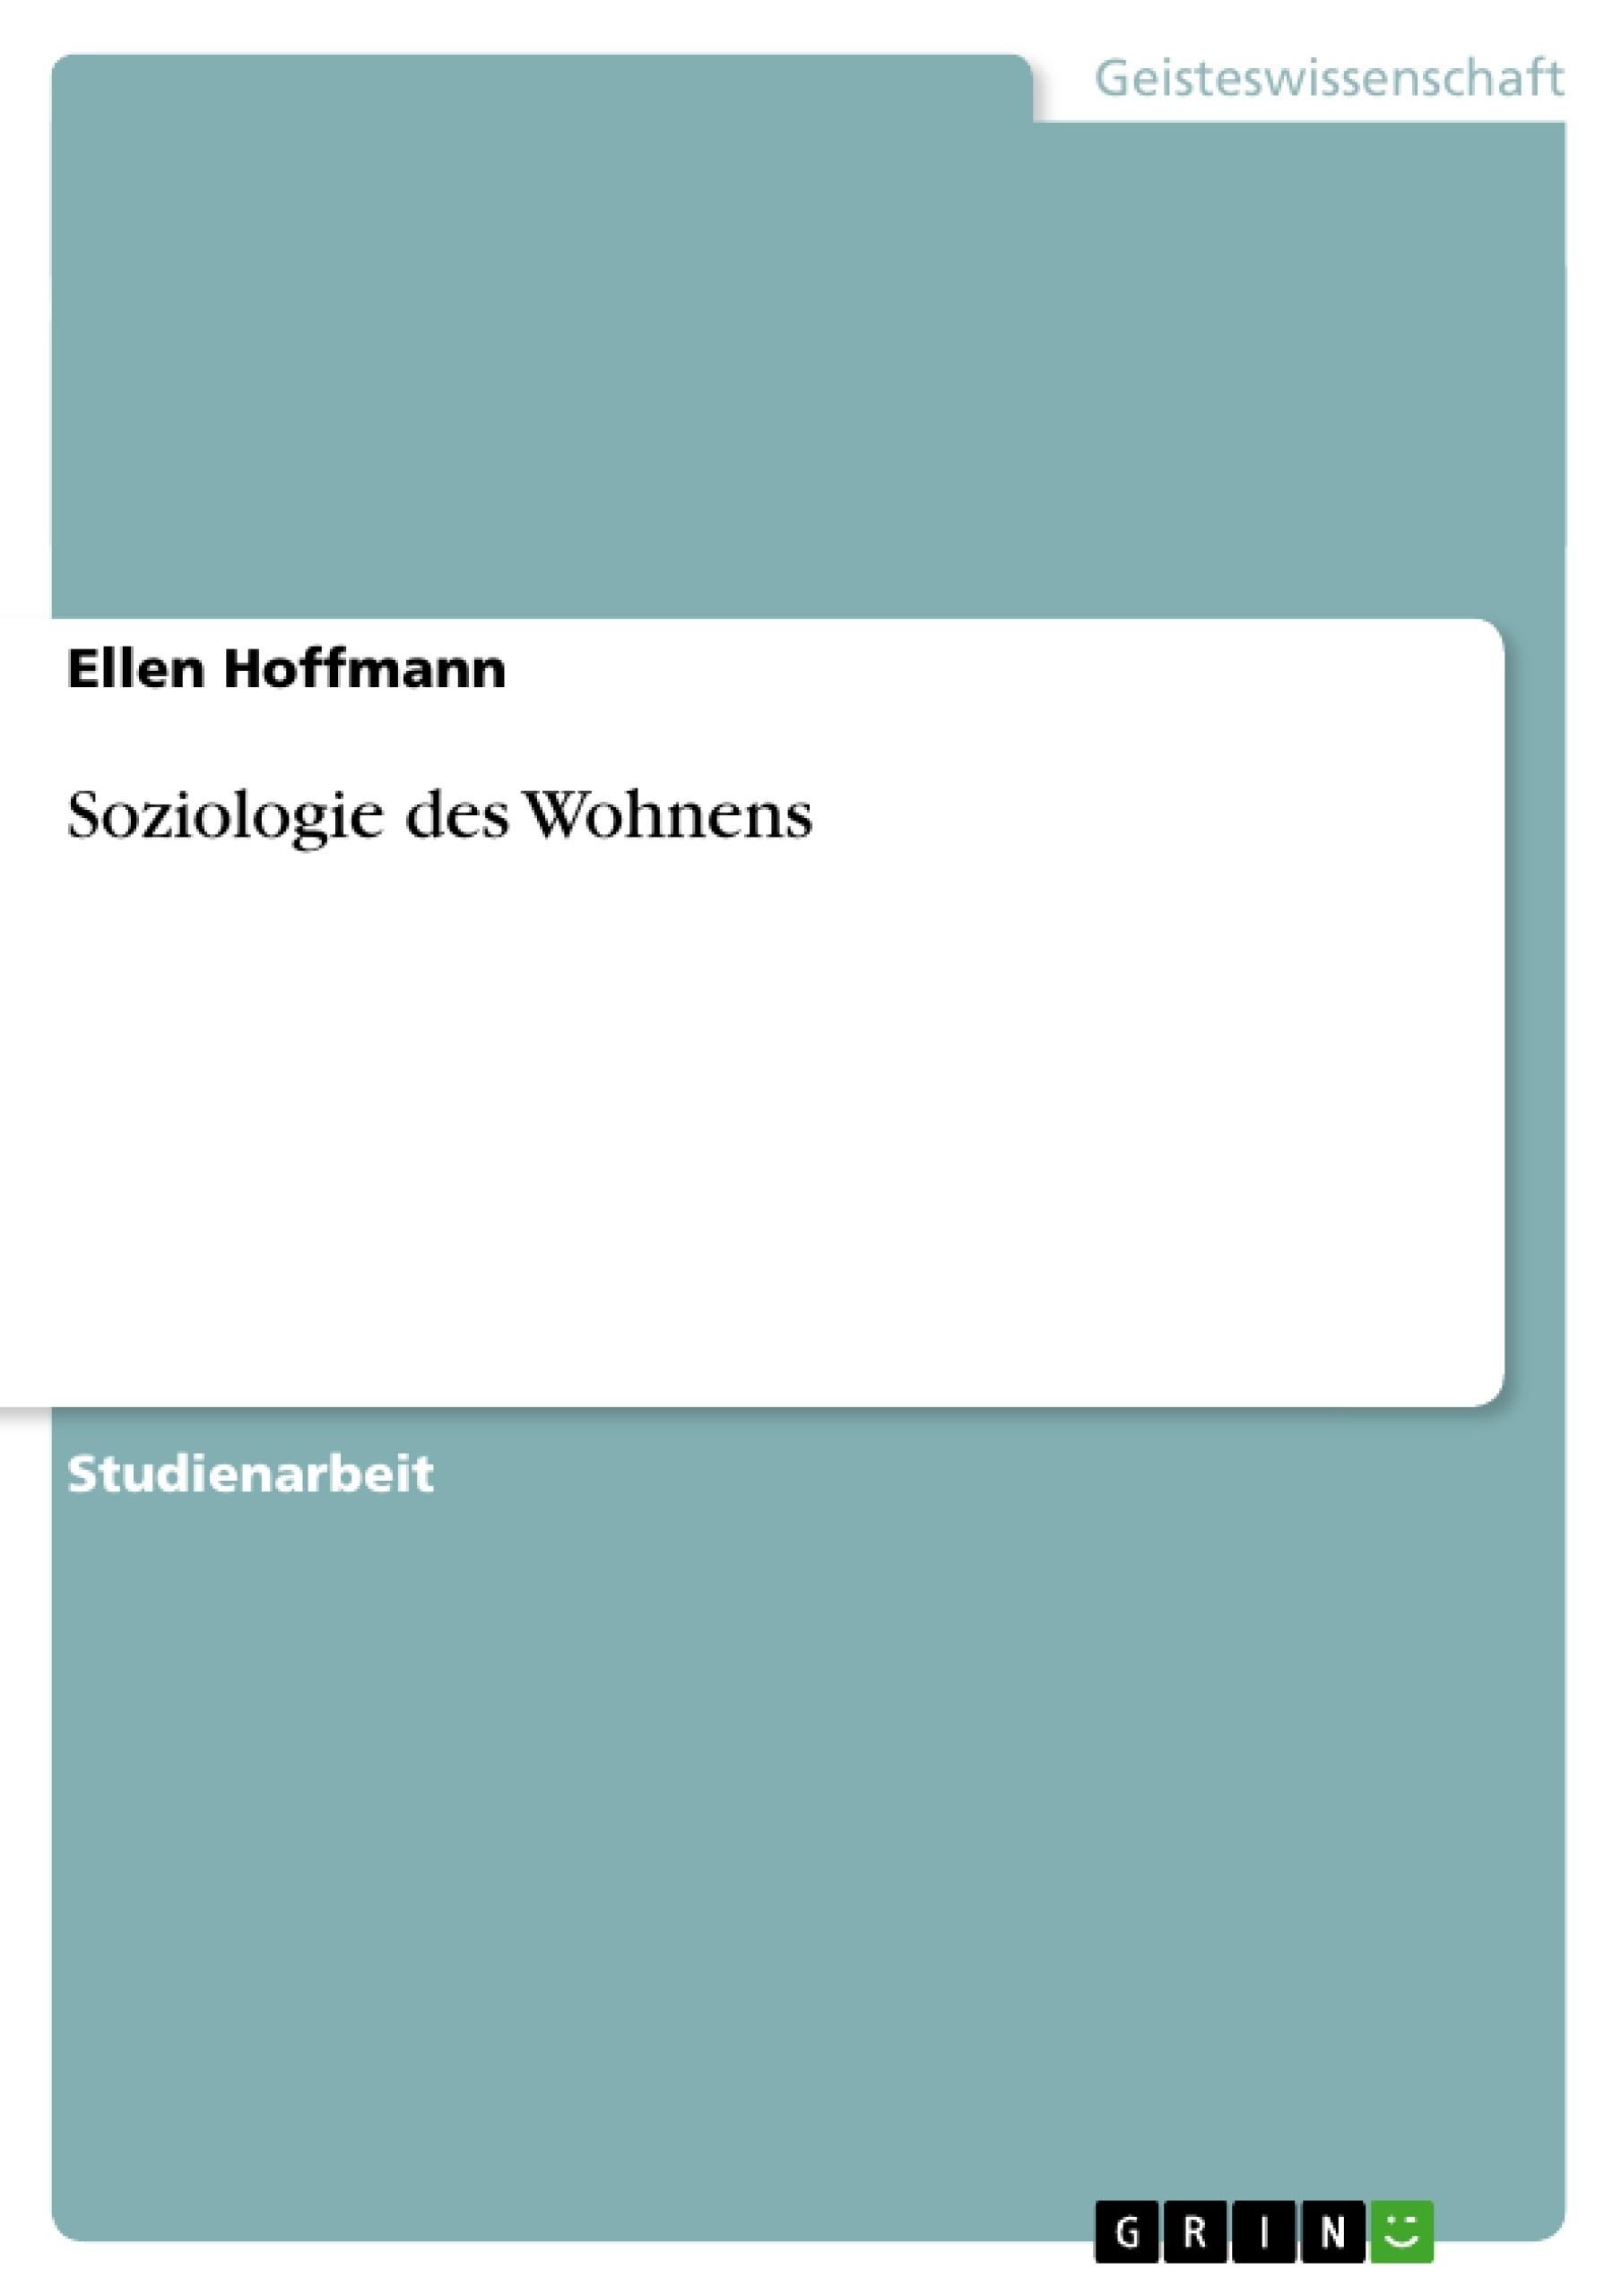 Titel: Soziologie des Wohnens